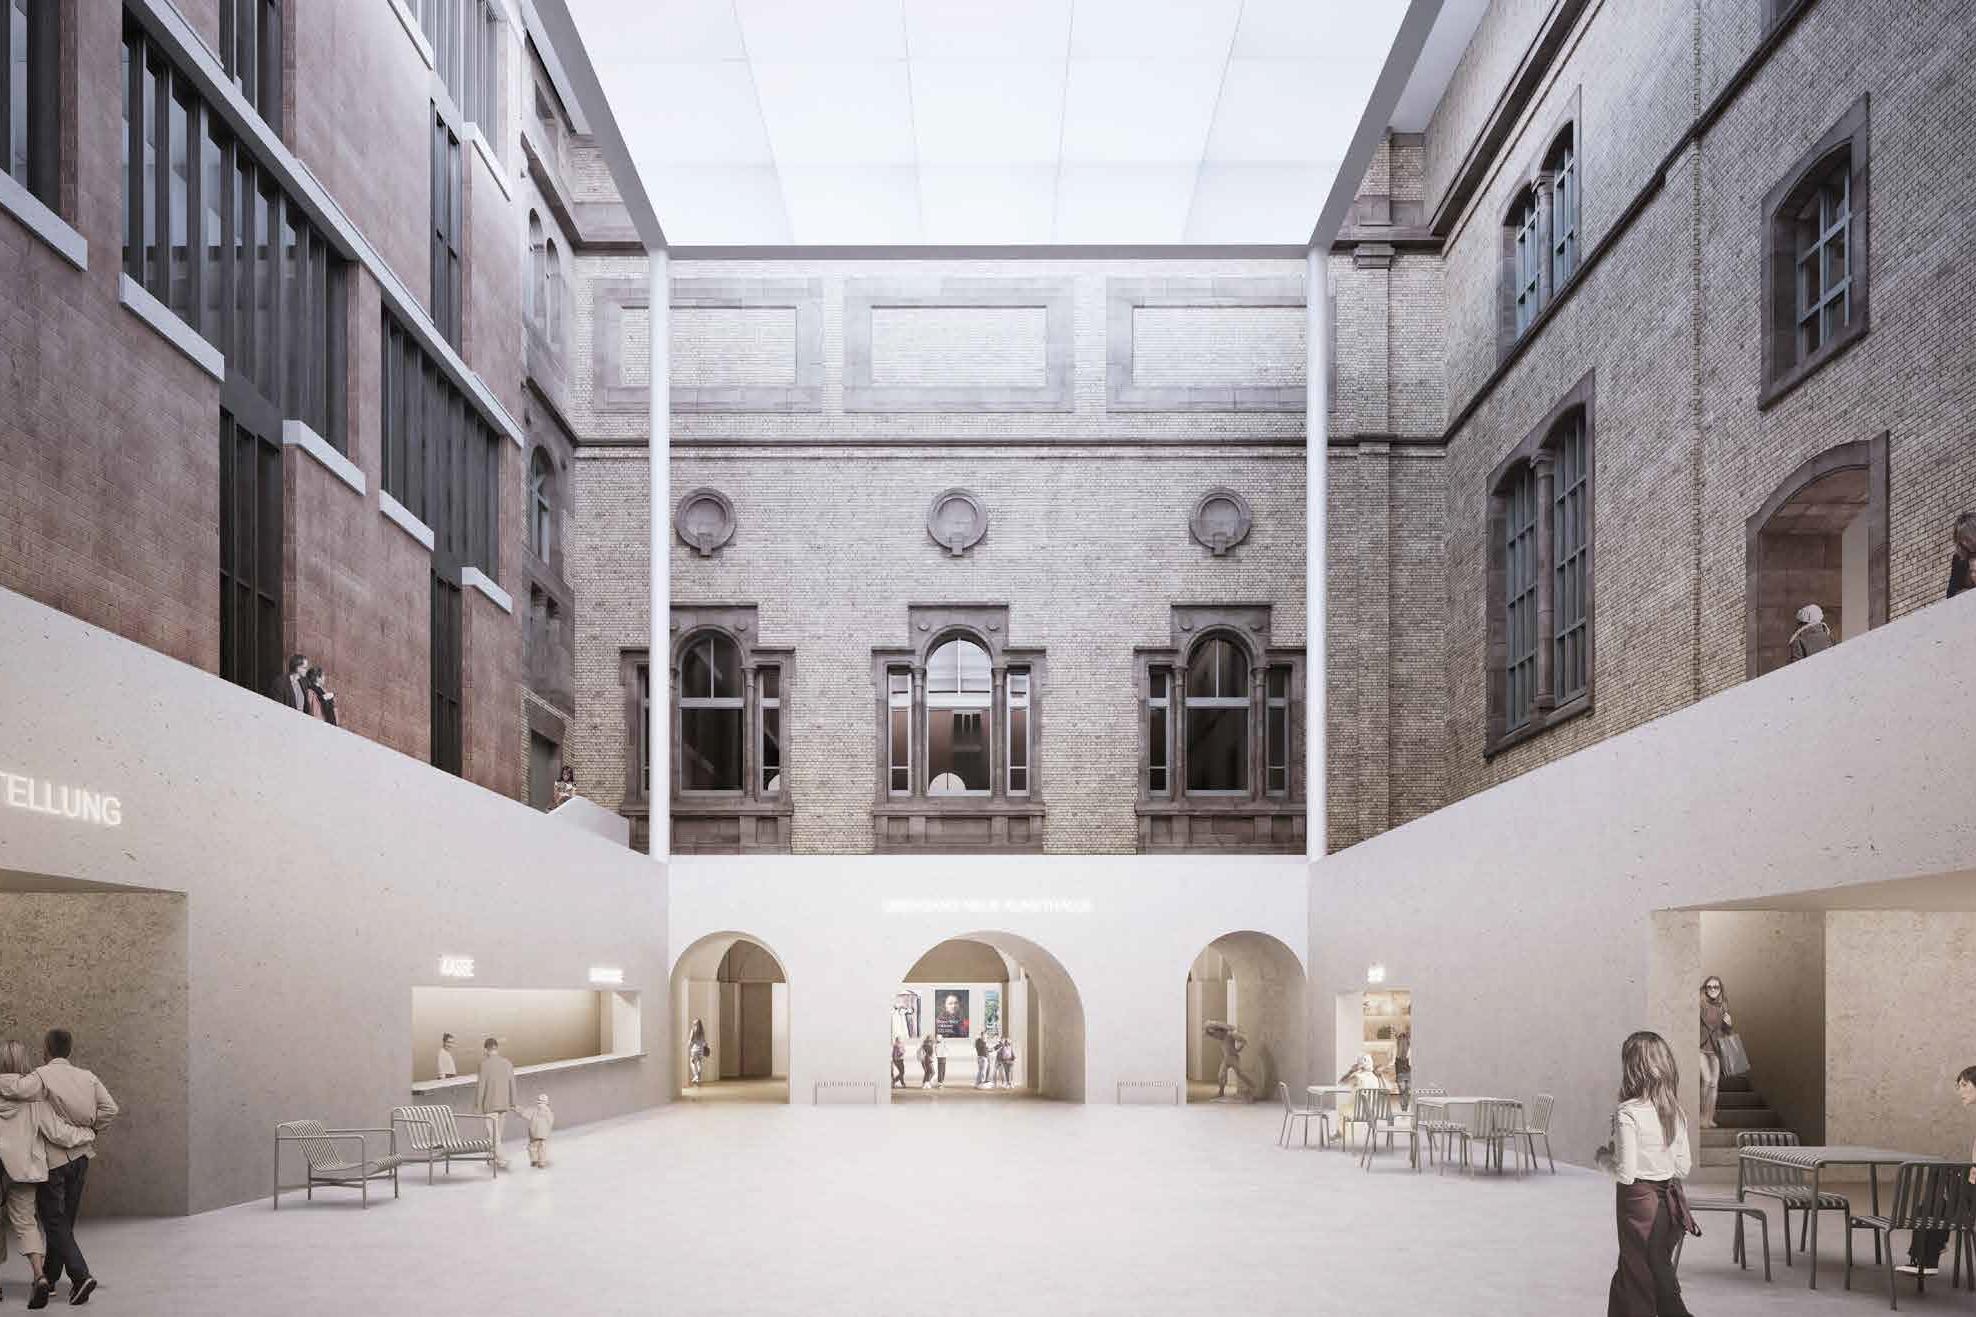 Staatliche Kunsthalle